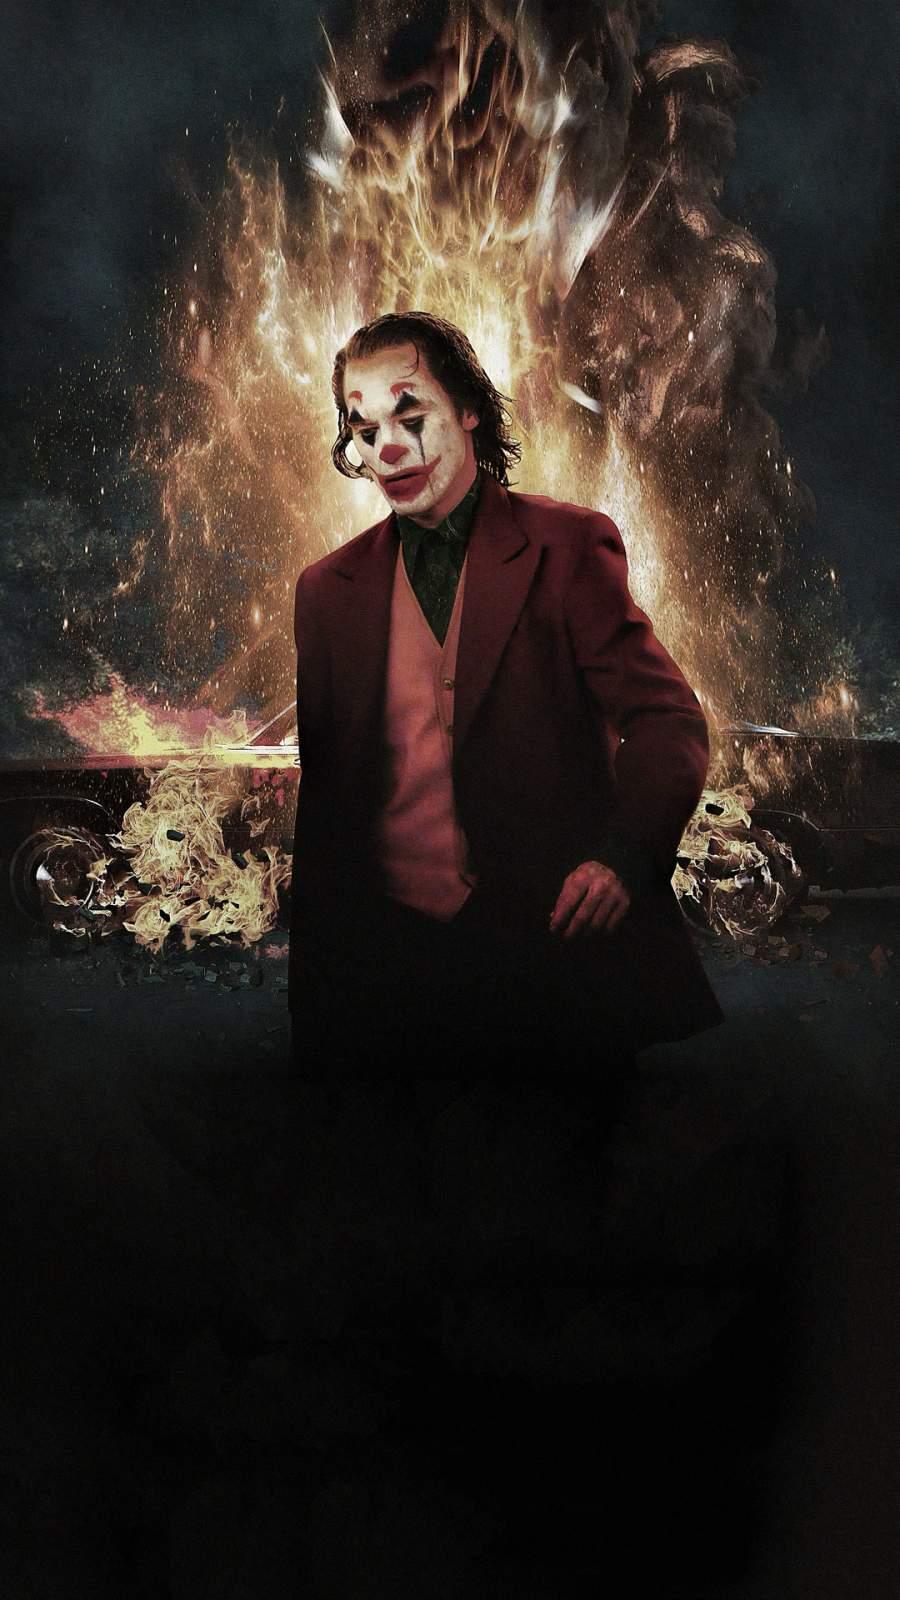 Joker Fire iPhone Wallpaper